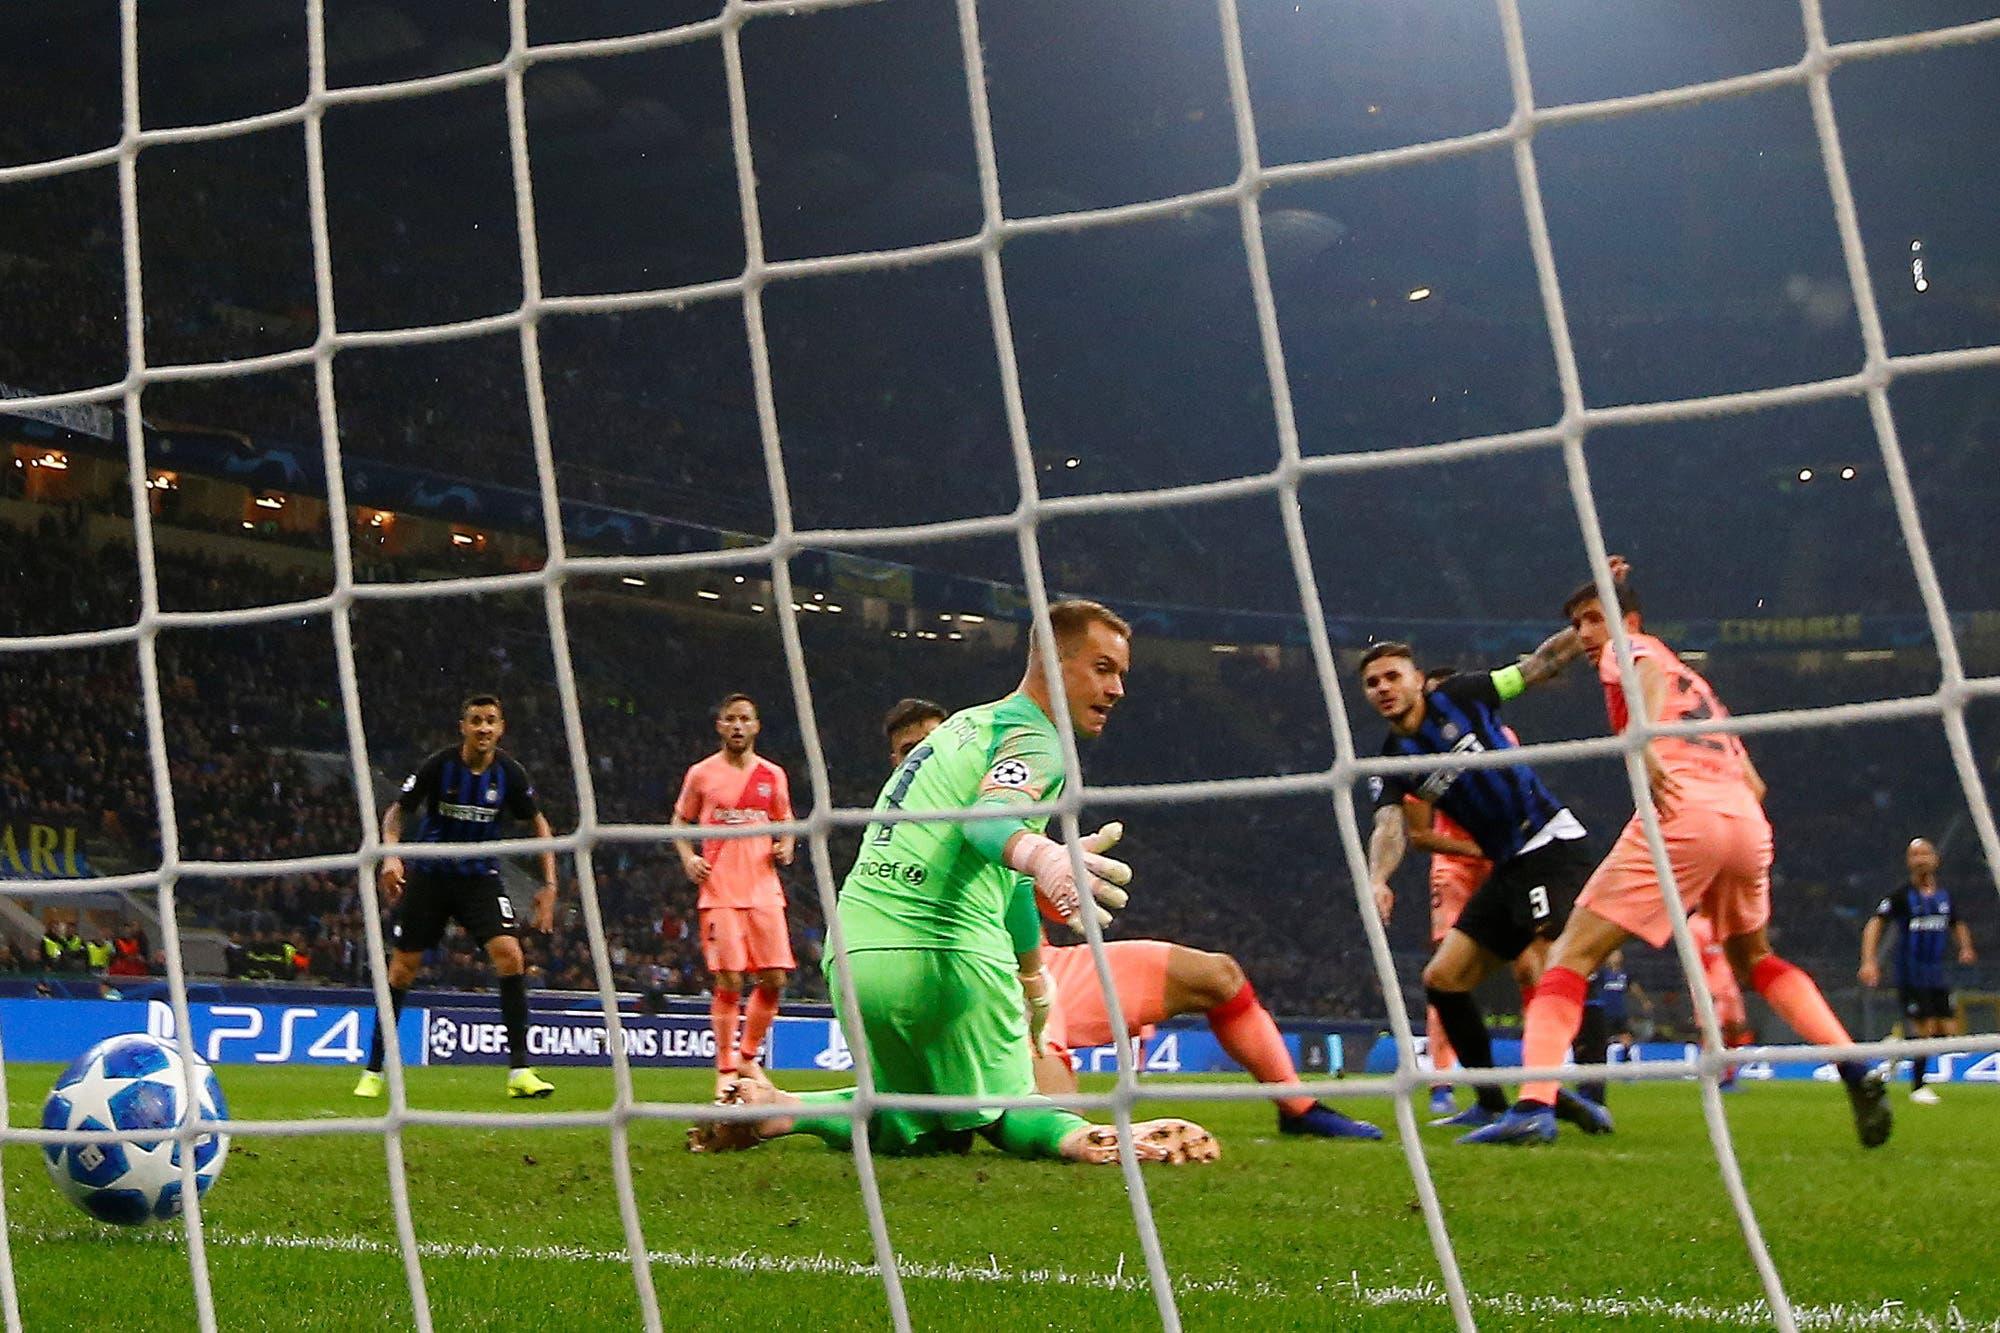 Las perlitas de la Champions League: el lujo del arquero argentino y la victoria del equipo del Cholo Simeone